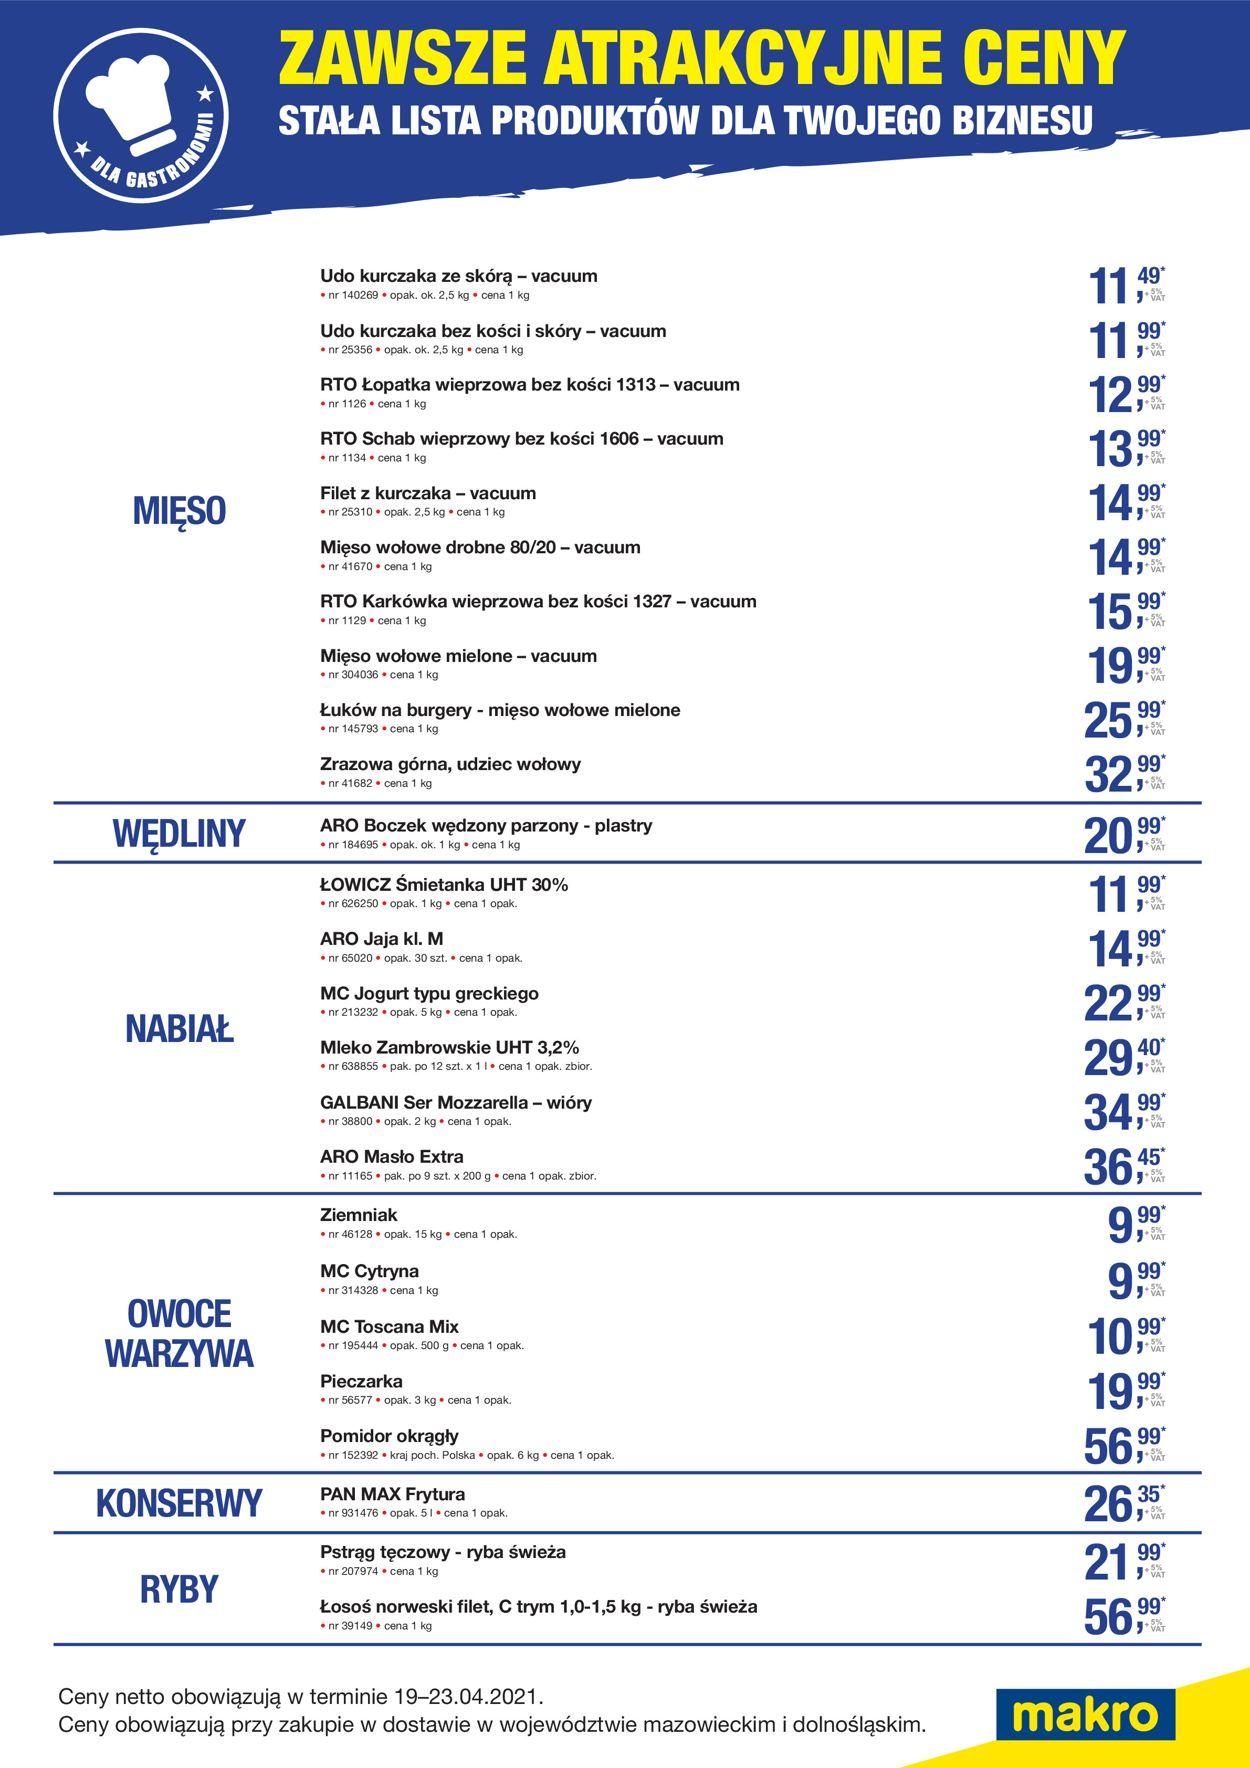 Gazetka promocyjna Makro Dostawa - TOP20 produktów - 19.04-23.04.2021